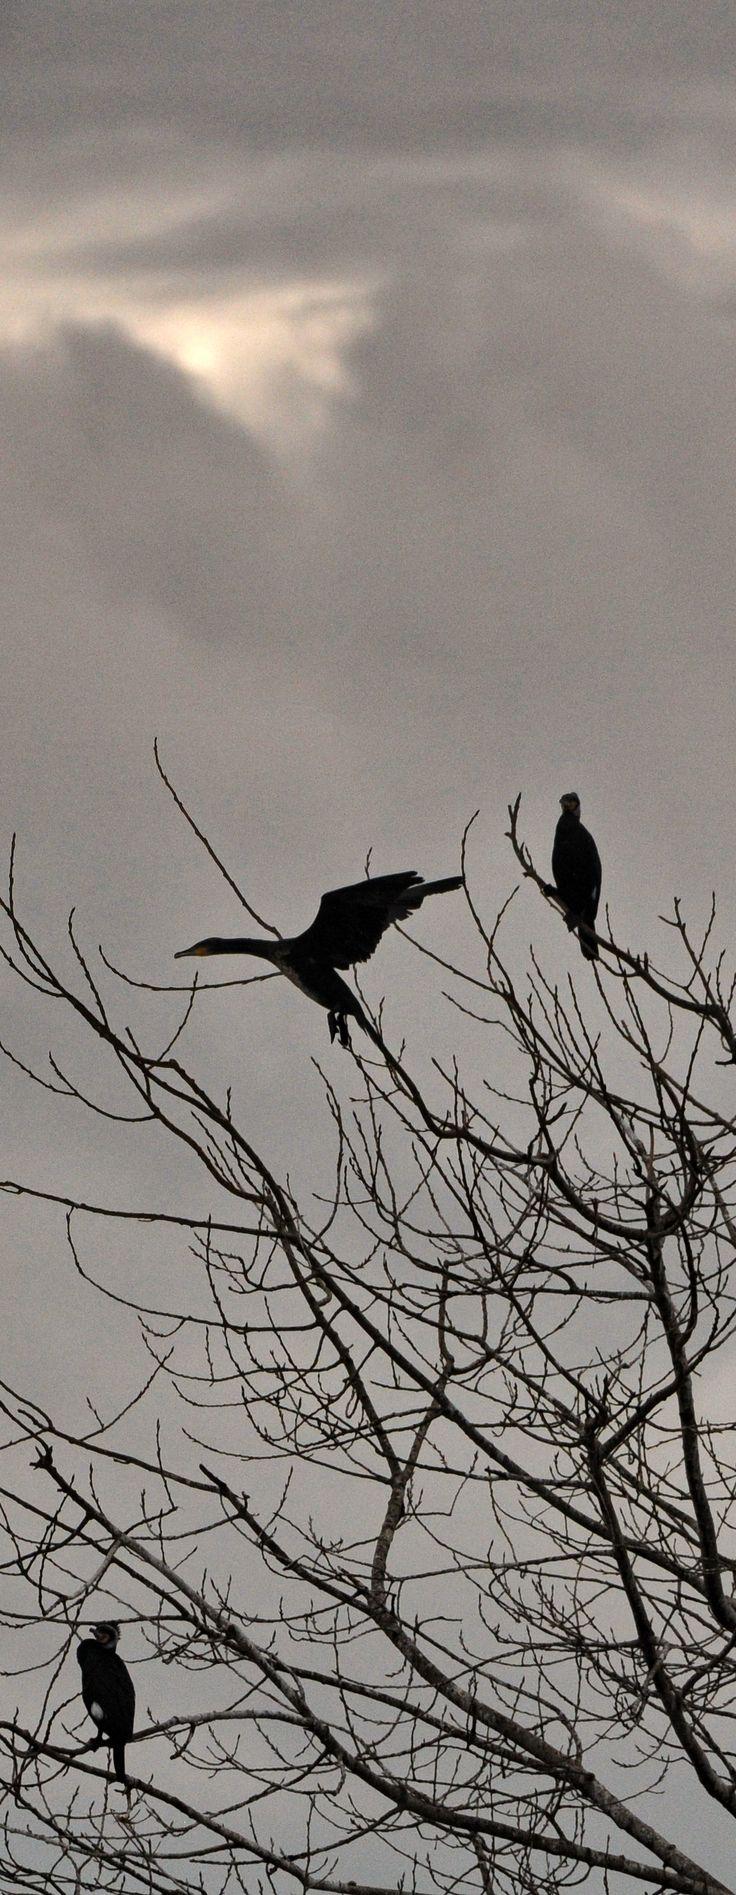 Cormorani su alberi al Biscottino (Livorno), lungo la Via dell'Arnaccio. 15/02/2015 Nikon D300 - obbiettivo Nikon 200/400 f/4 - f/4 1/8000 sec. ISO-640 - #guidofrilli - Cormorano - Phalacrocorax carbo